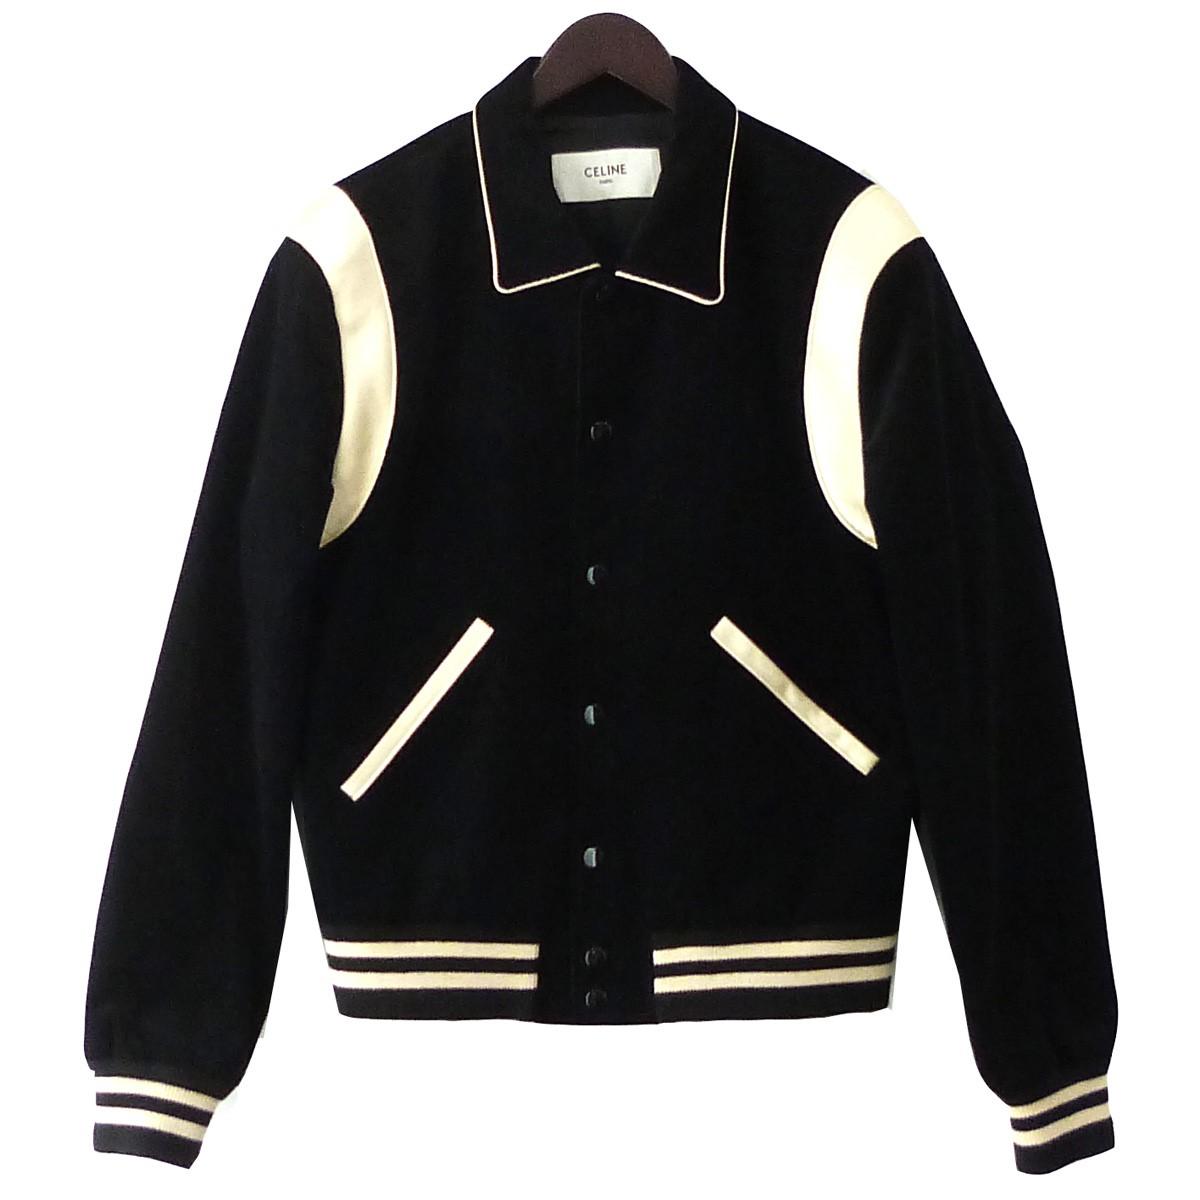 【中古】CELINE コーデュロイテディブルゾン ジャケット ブラック サイズ:46 【100420】(セリーヌ)